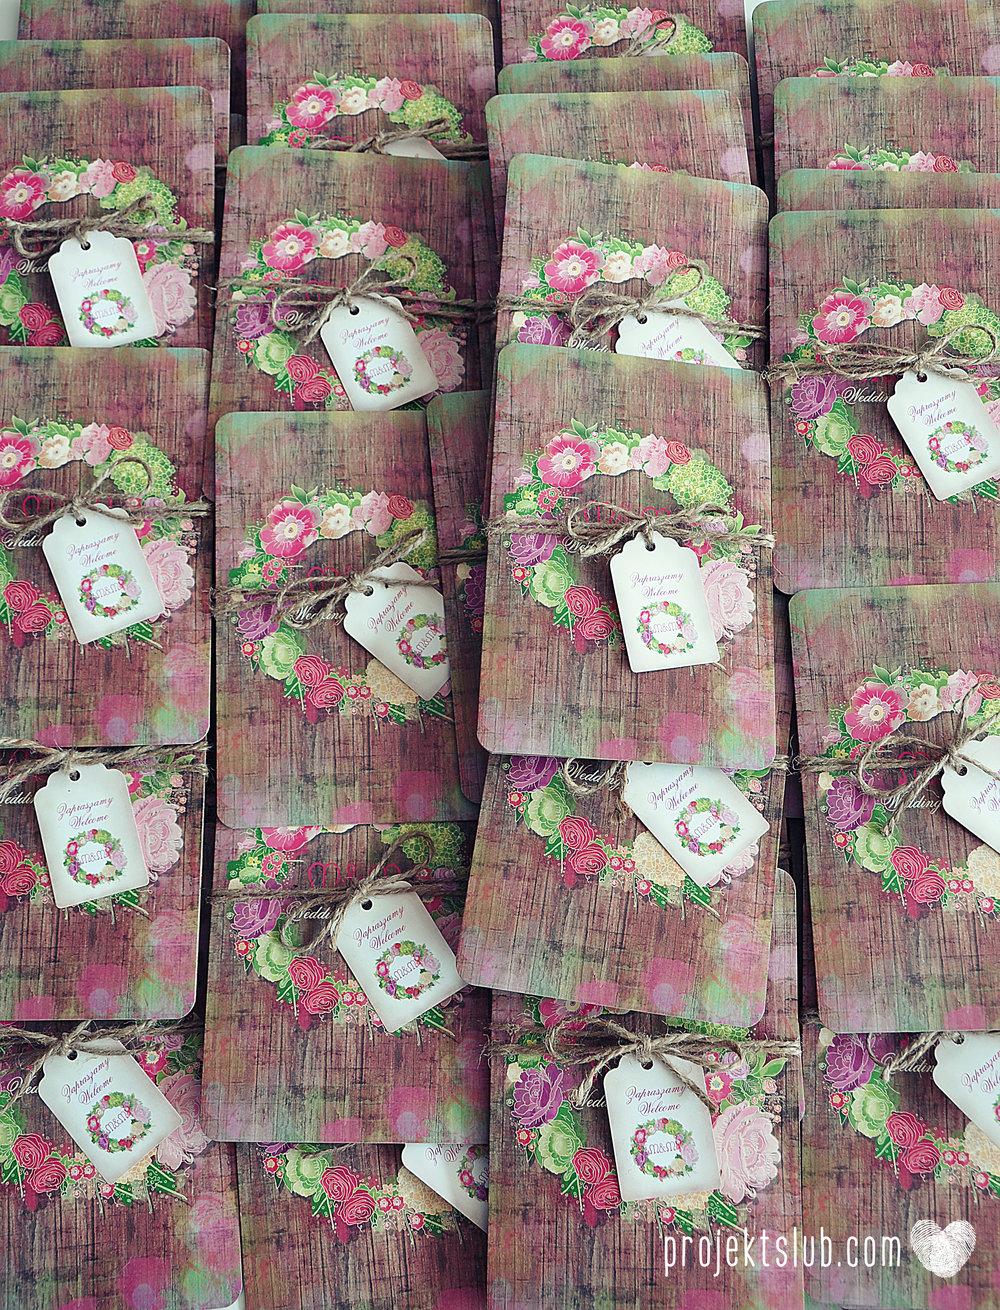 Zaproszenia ślubne wedding festival wianki kwiatowe drewno eko rustykalne boho kolorowe kwiaty festiwalowe wesele Projekt Ślub  (26).JPG